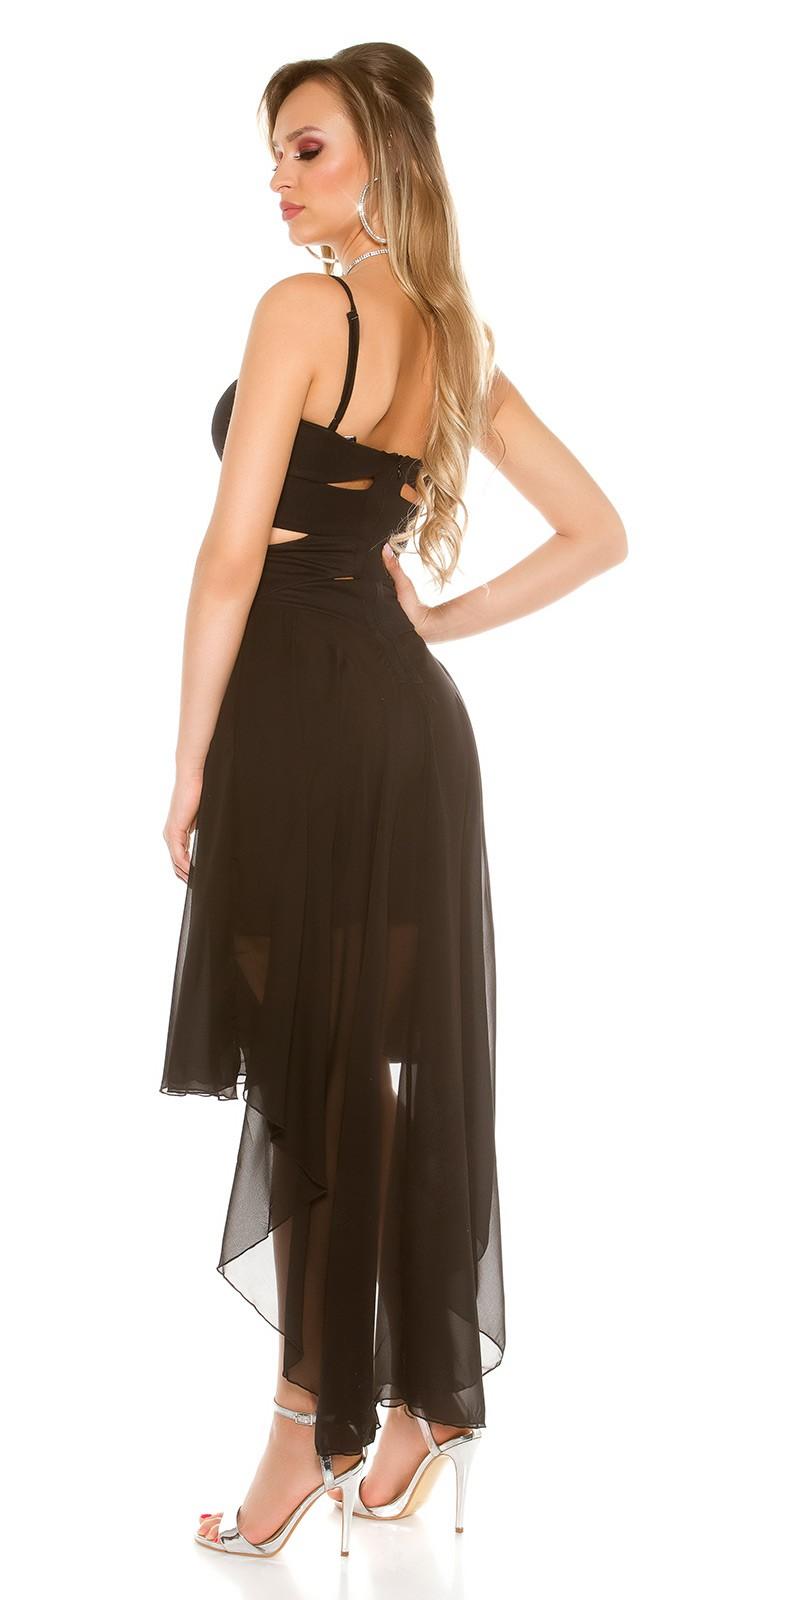 6ea981d024 Elöl rövid-hátul hosszú muszlin szoknyás alkalmi ruha - Fekete (S/M,. Az Ön  értékelése: